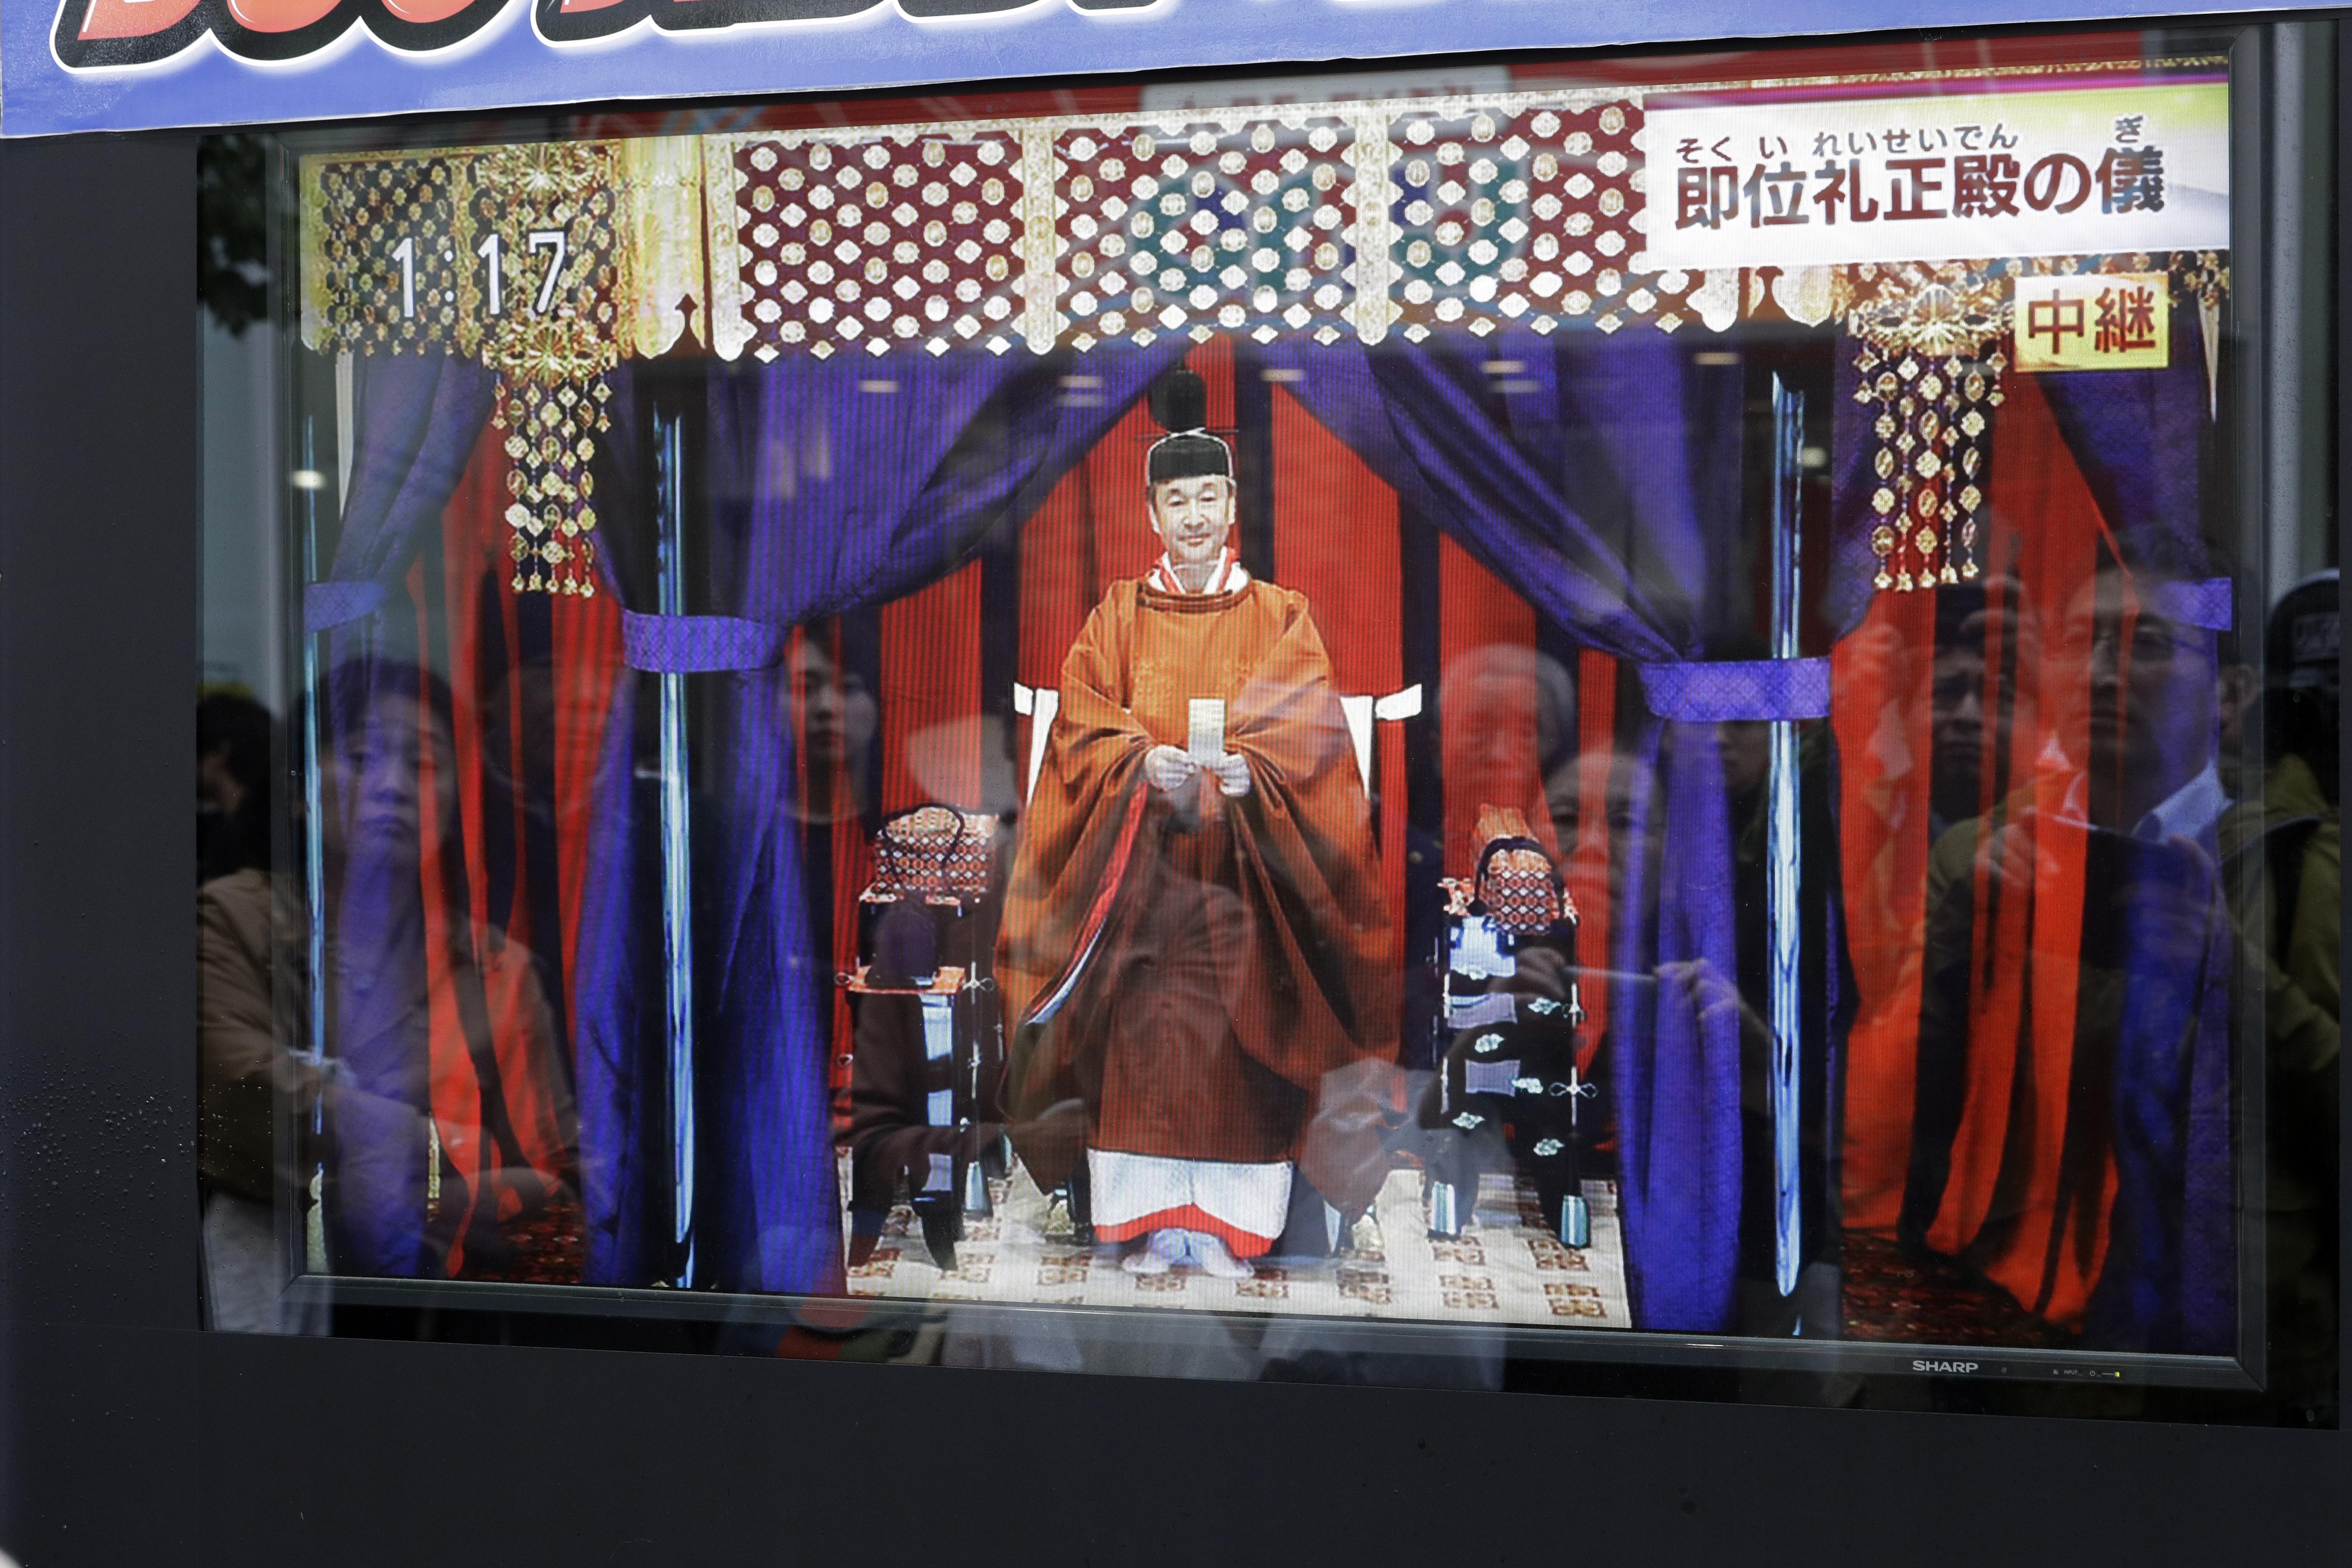 Τηλεοράσεις στο δρόμο του Τόκιο προβάλουν την τελετή ενθρόνισης του αυτοκράτορα της Ιαπωνίας